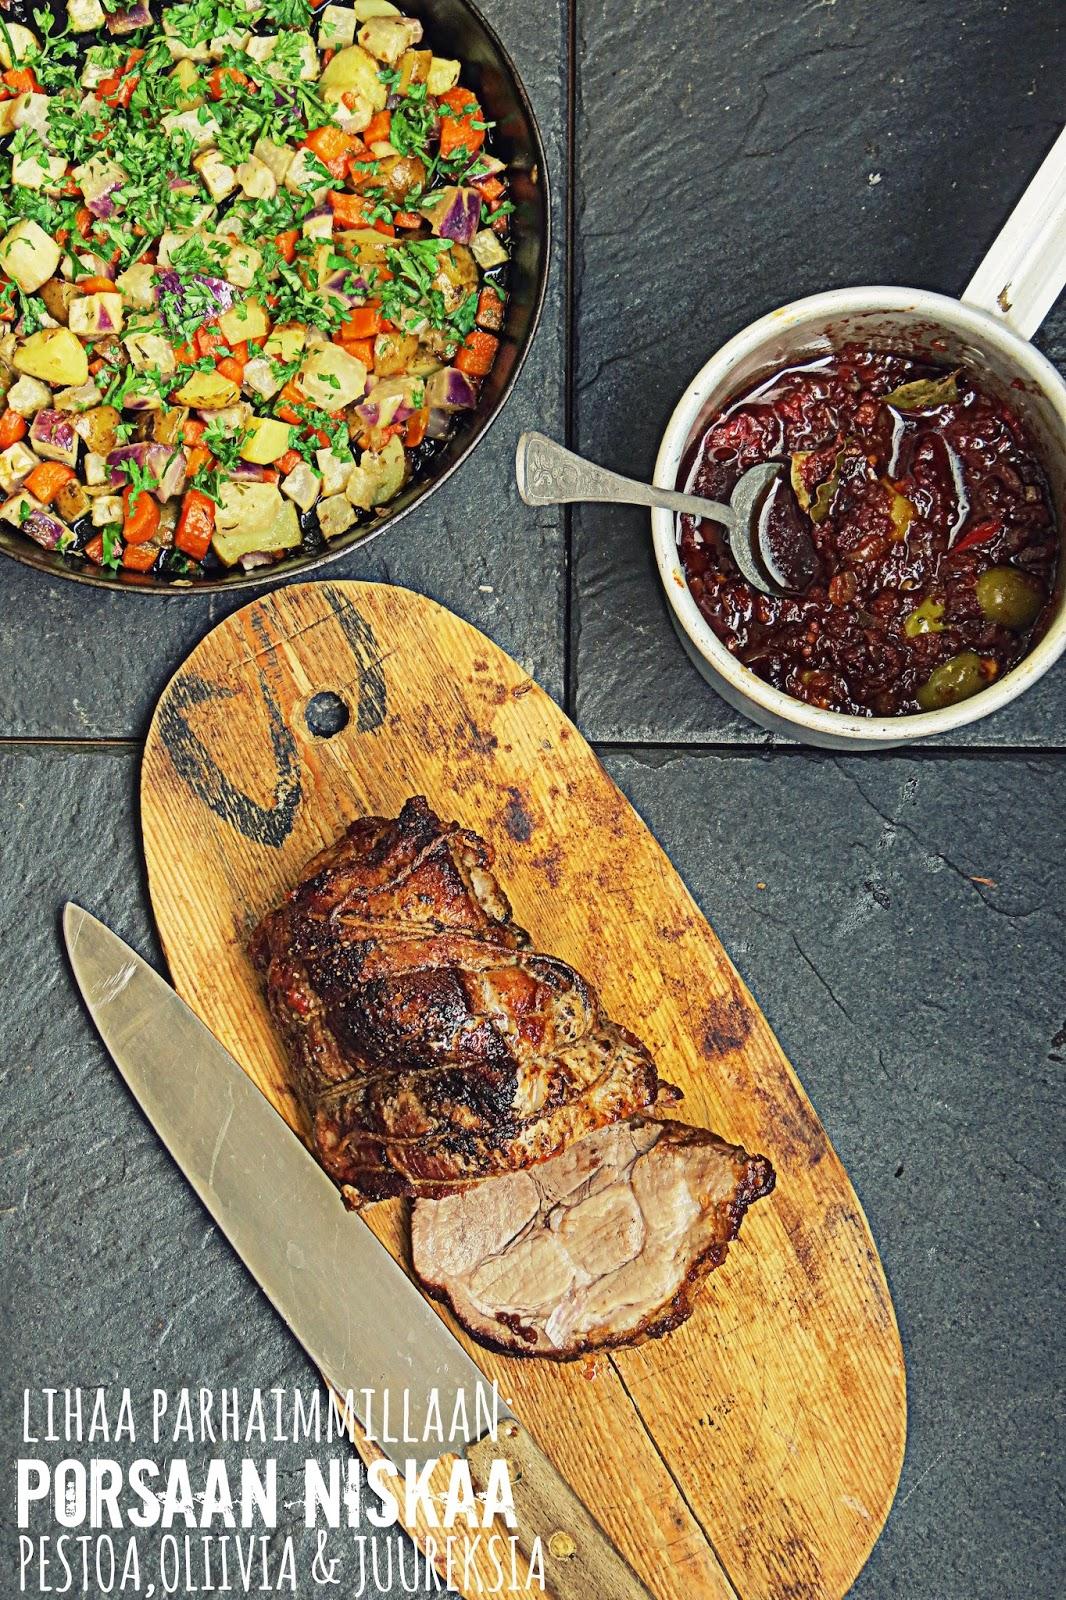 Lihaa parhaimmillaan: Luomu porsaan niskaa, peston, oliivien ja juurespannun kanssa